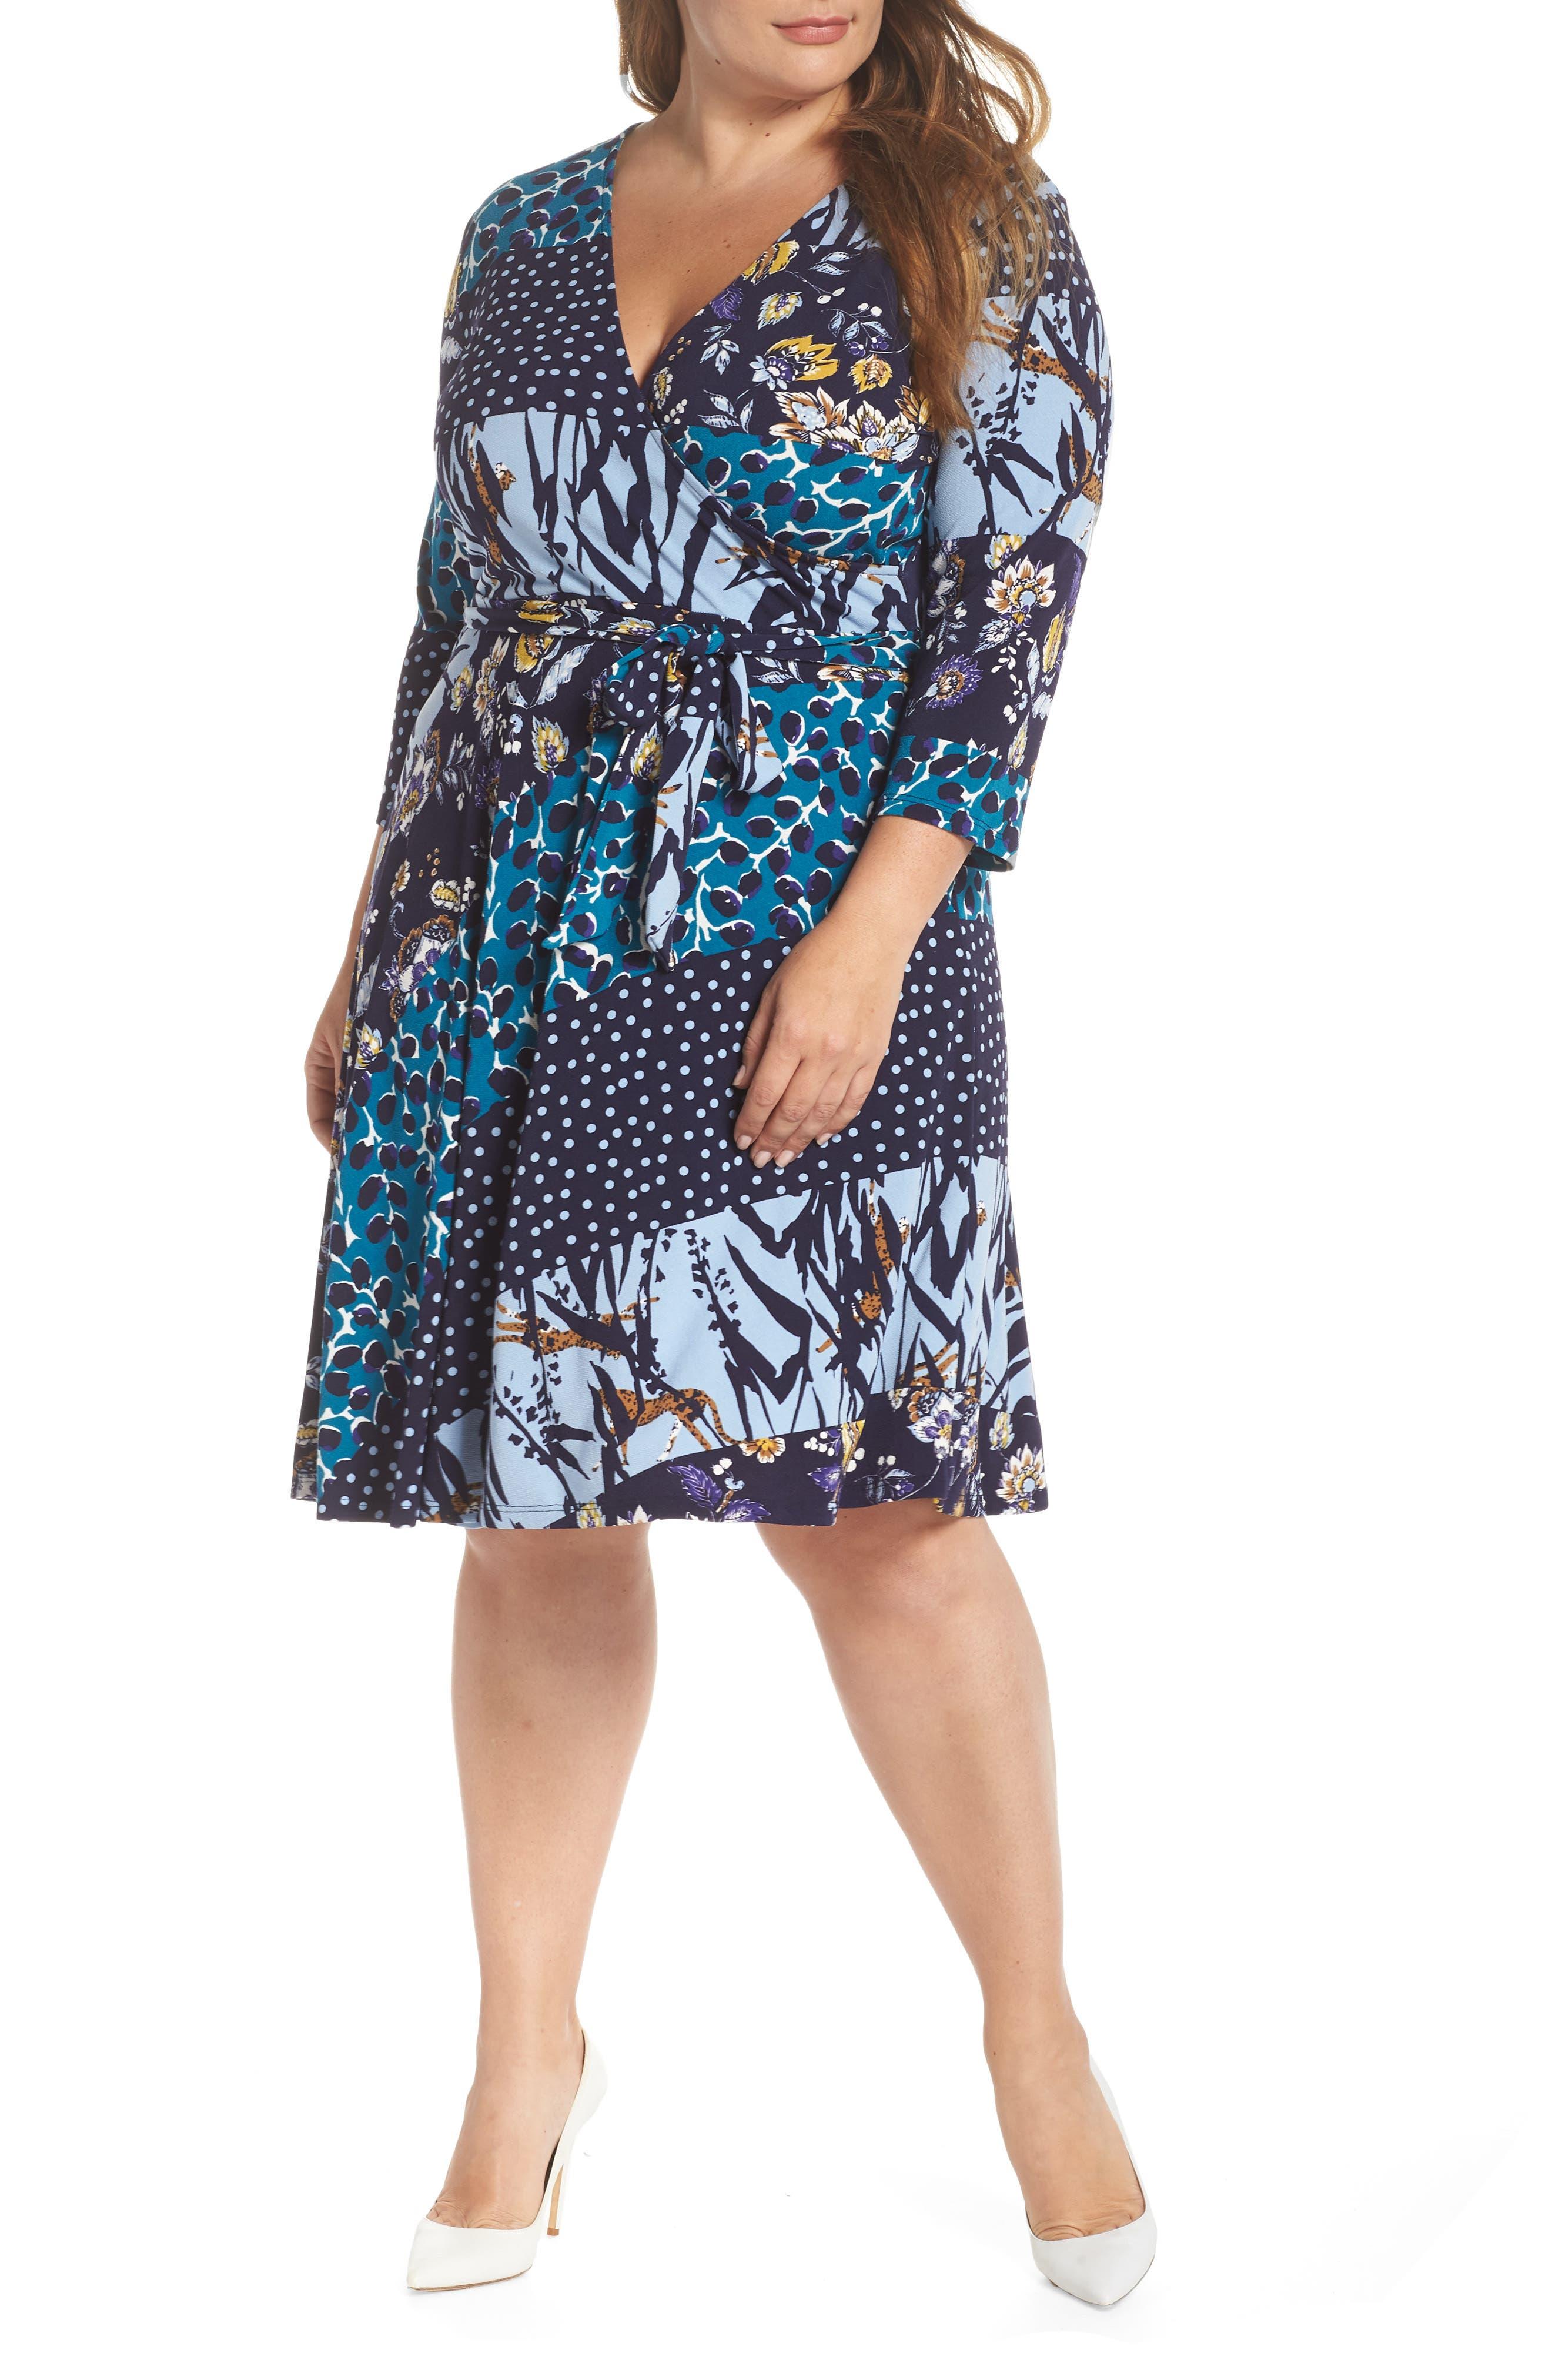 LEOTA Wrap Dress in Herringbone-Black